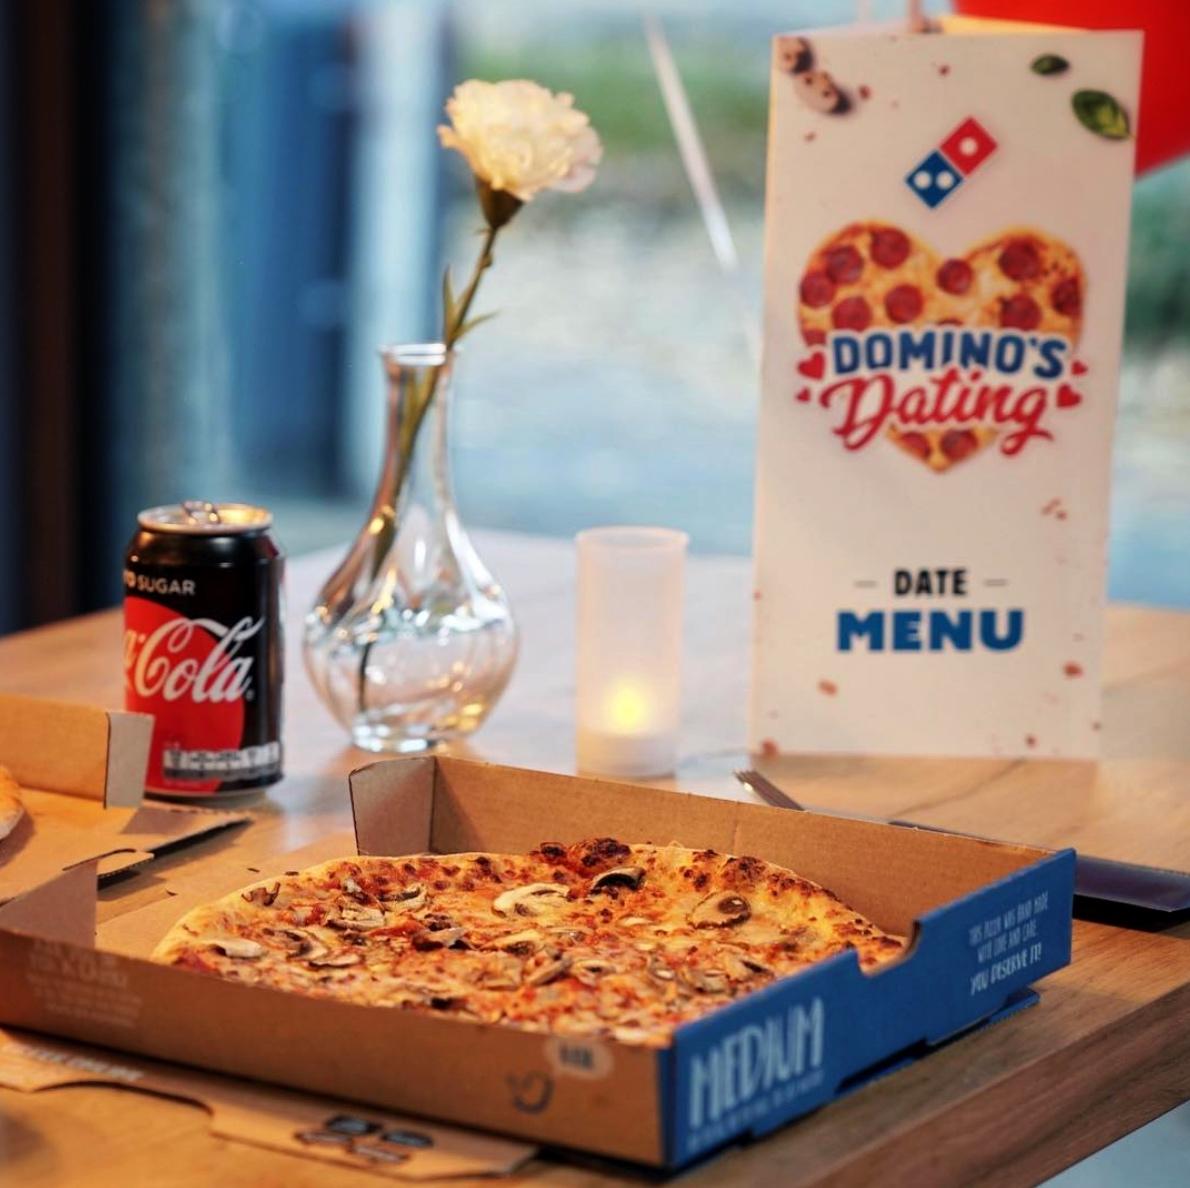 Domino's dating app pizza